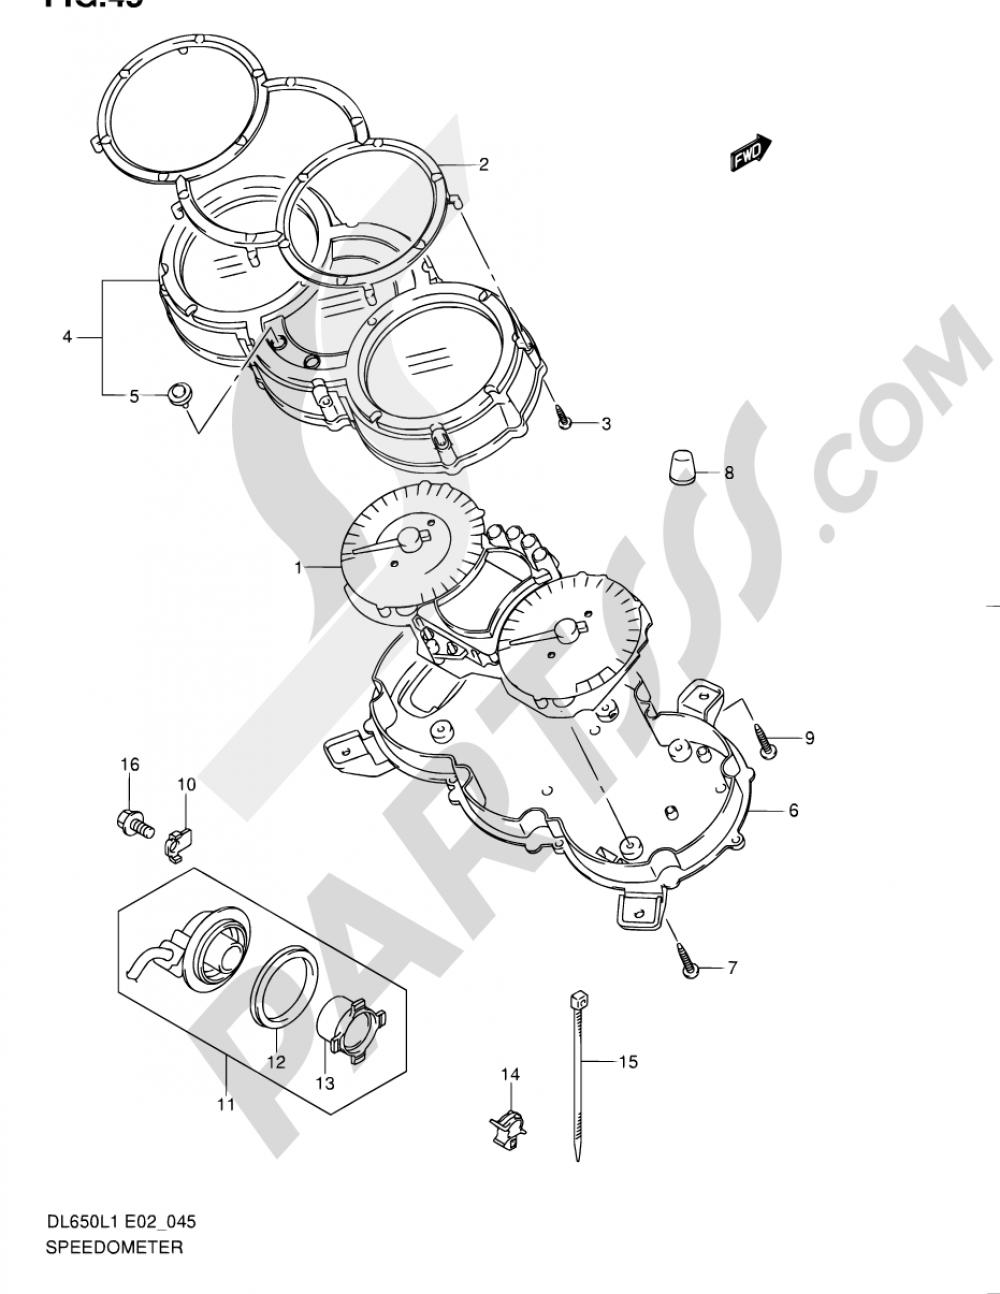 45 - SPEEDOMETER (DL650L1 E24) Suzuki VSTROM DL650 2011